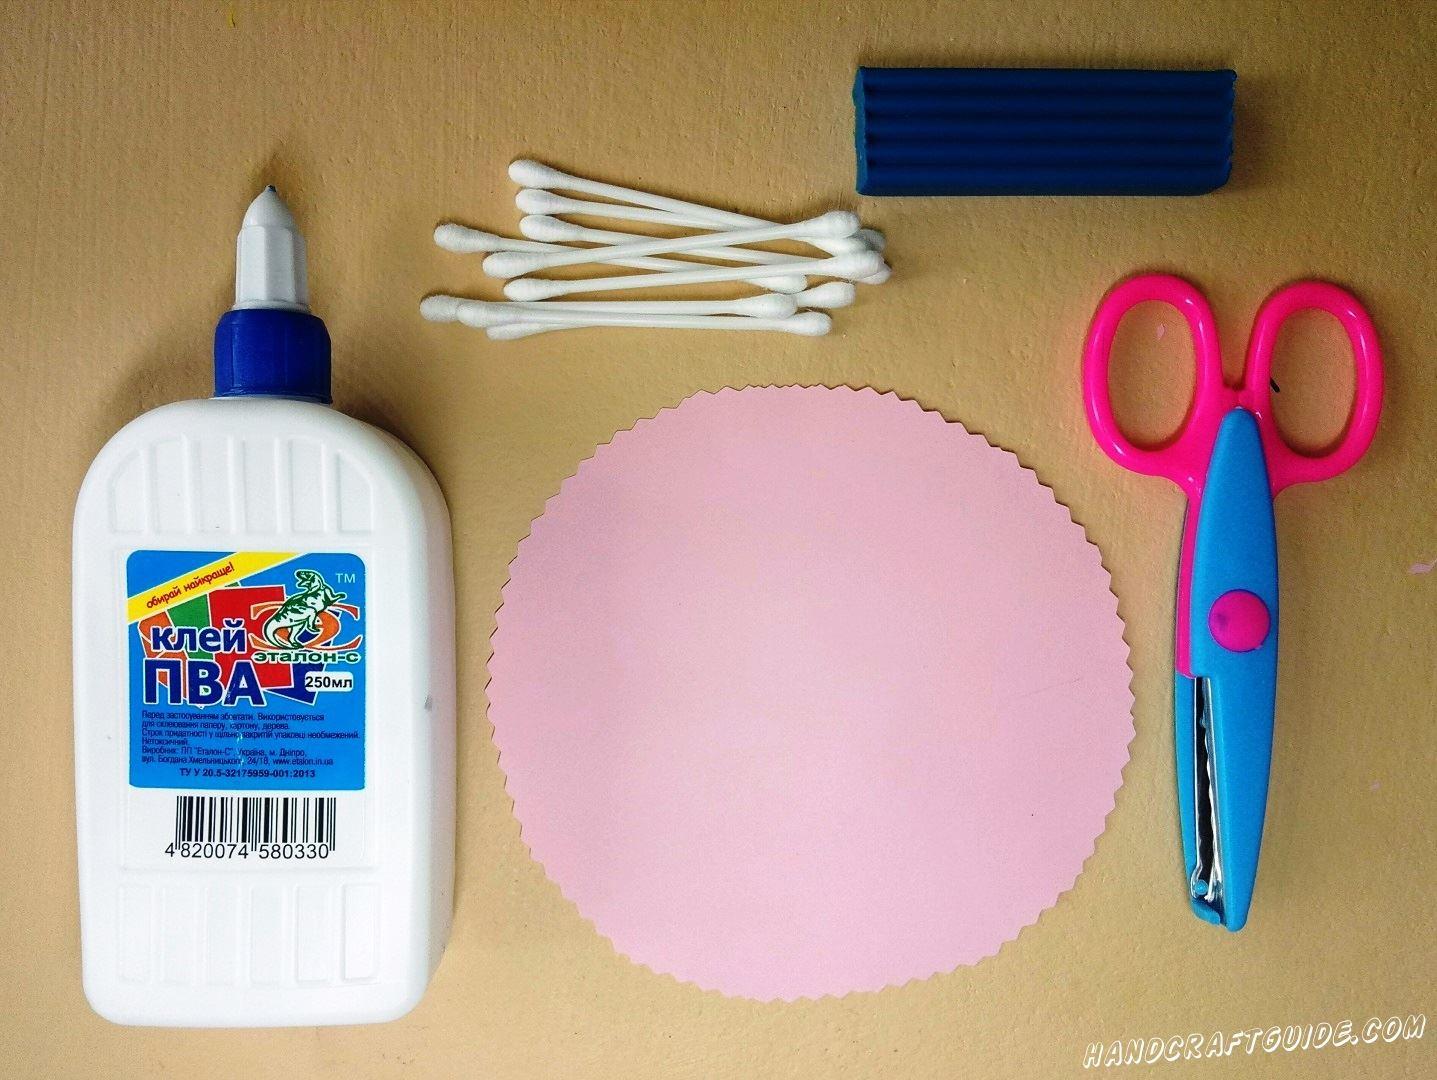 Вырезаем круг из бумаги розового цвета, и делаем волнистый ободок